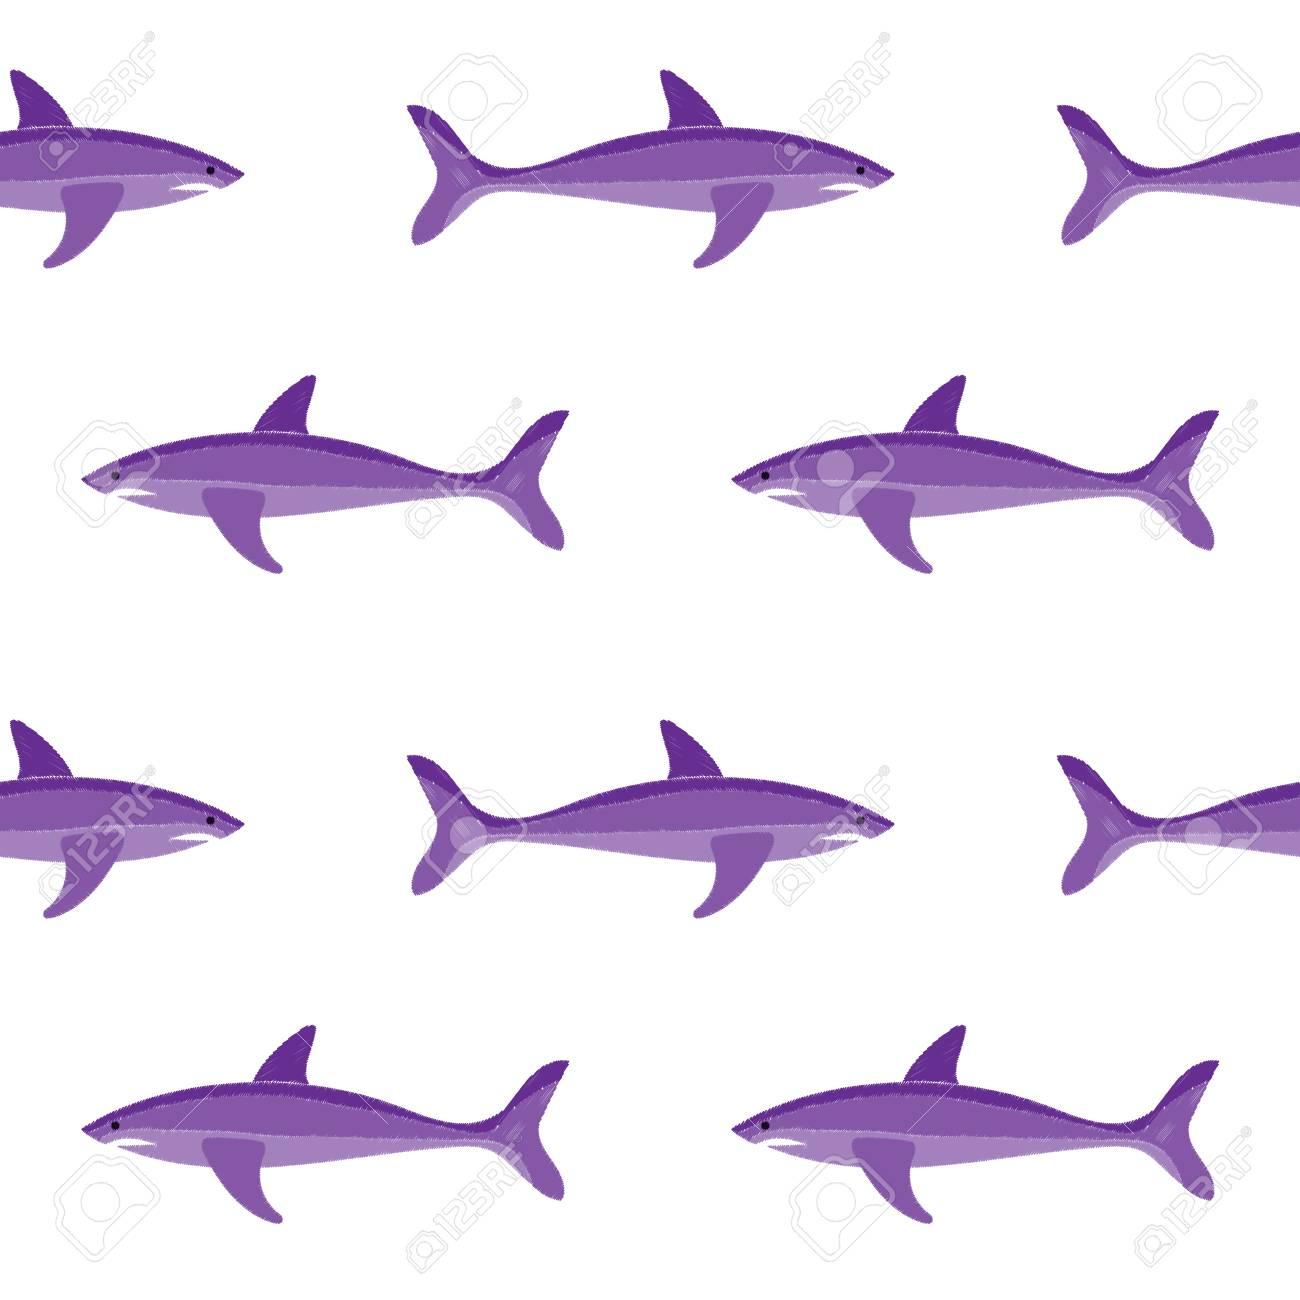 サメ刺繍シームレスなパターンは 白い背景の上 ファッション壁紙